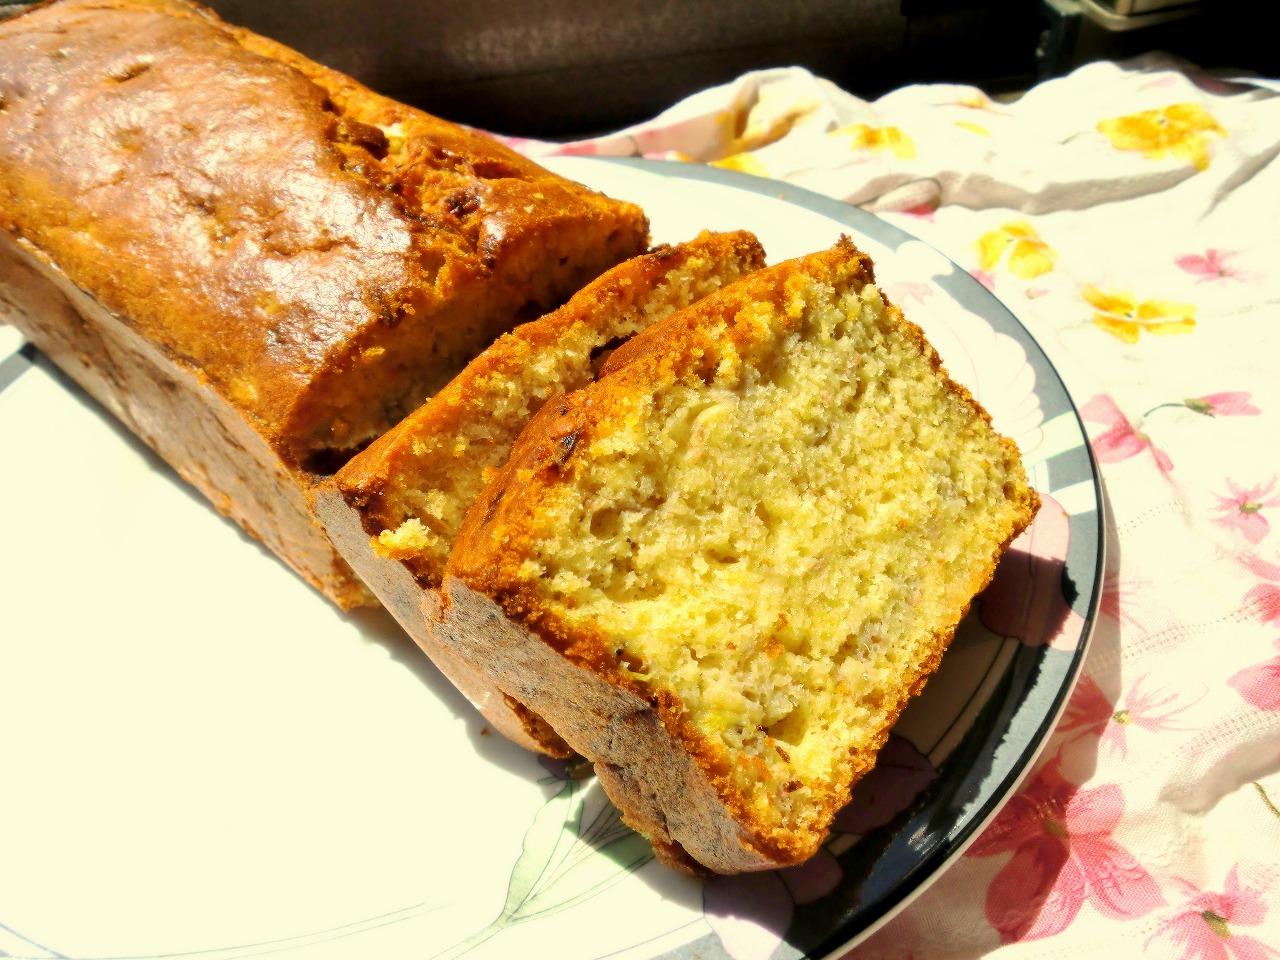 バター不使用・砂糖かなり控えめなバナナパウンドケーキ